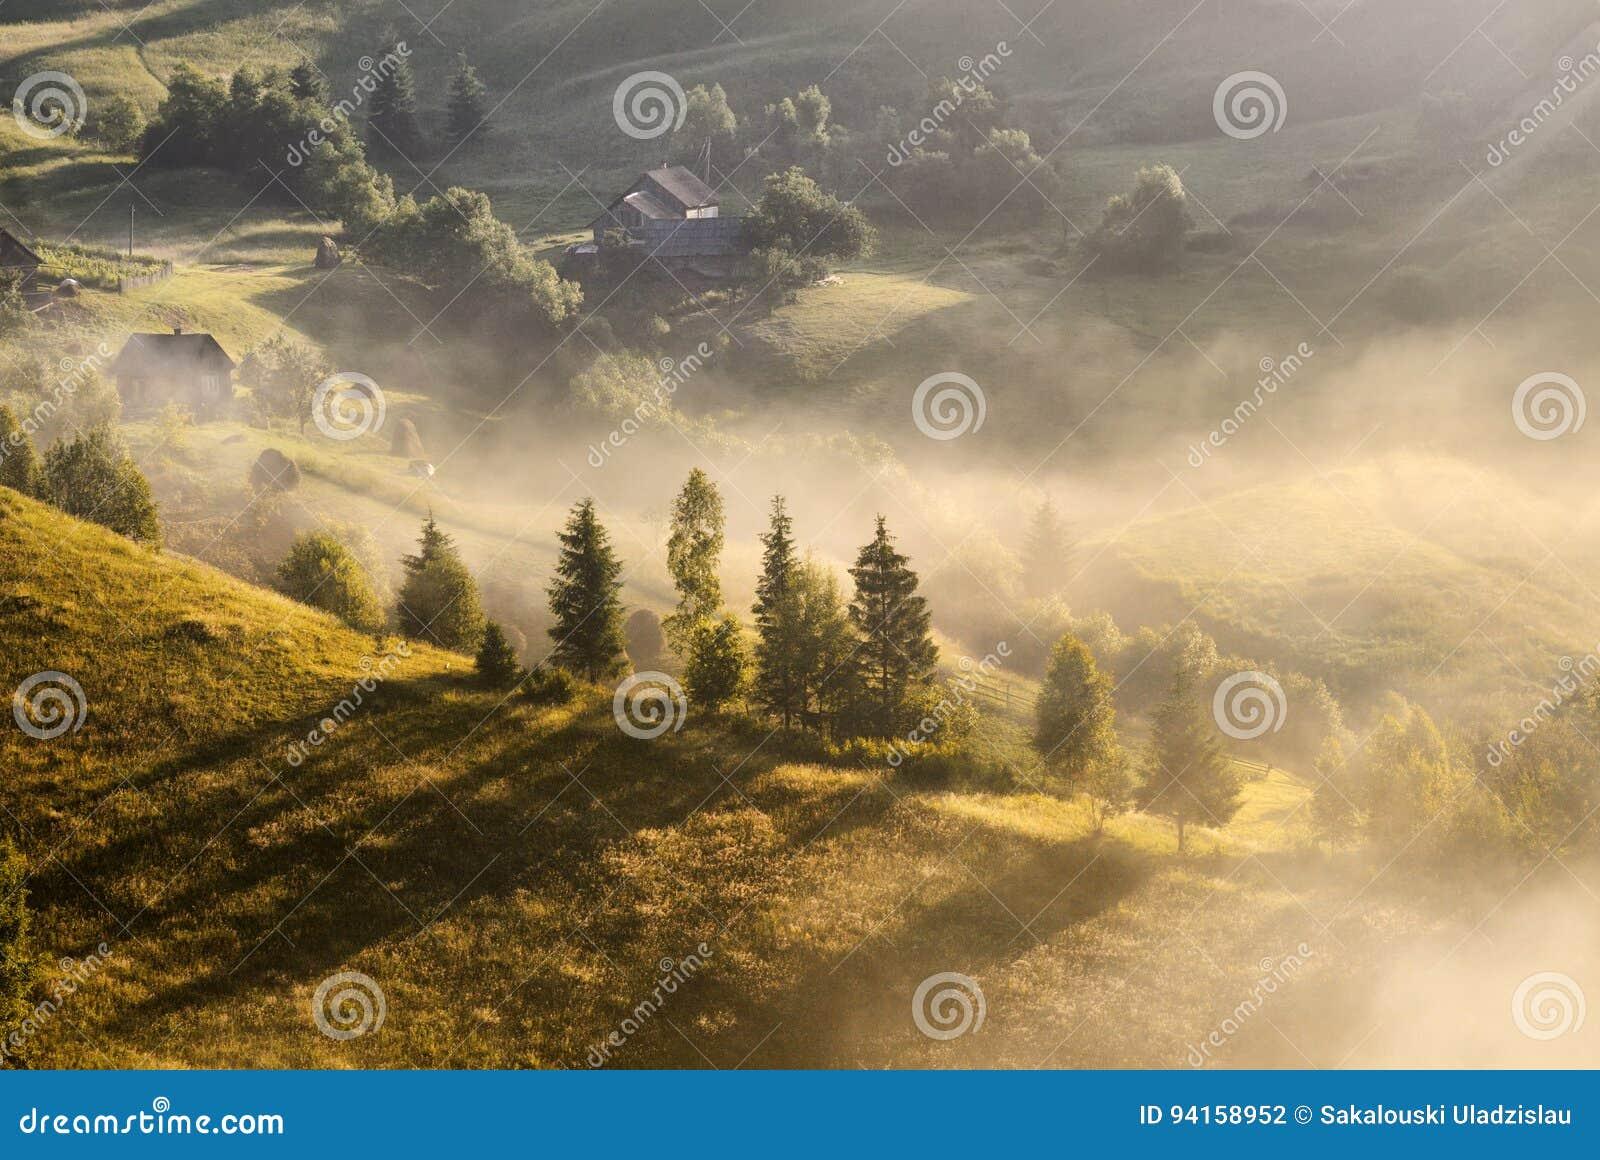 Uma paisagem nevoenta do outono bonito com casas sós e os montes ensolarados Paisagem rural Carpathian no por do sol em cores do